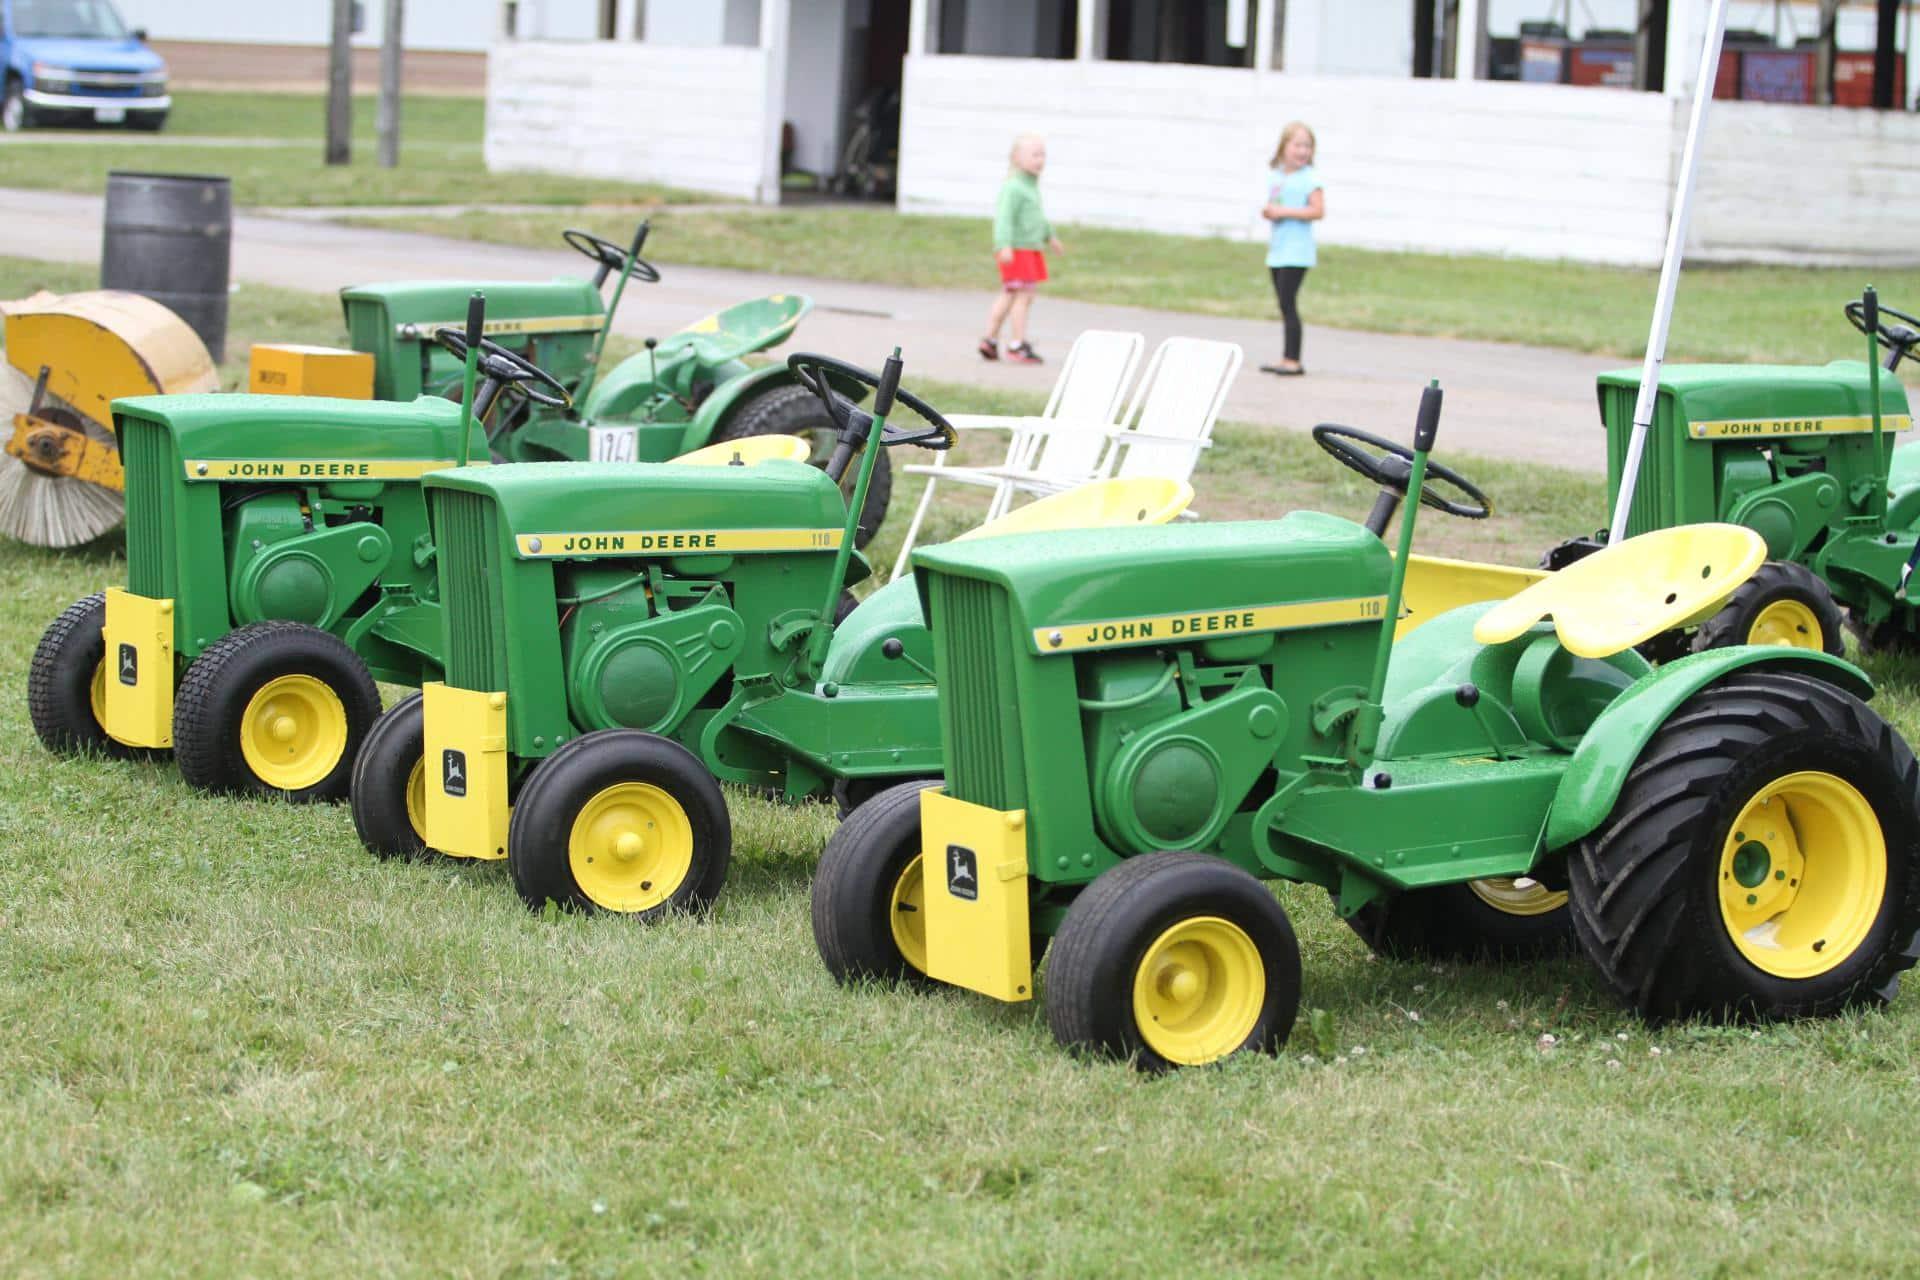 John Deere 110 Collector Tractor Show